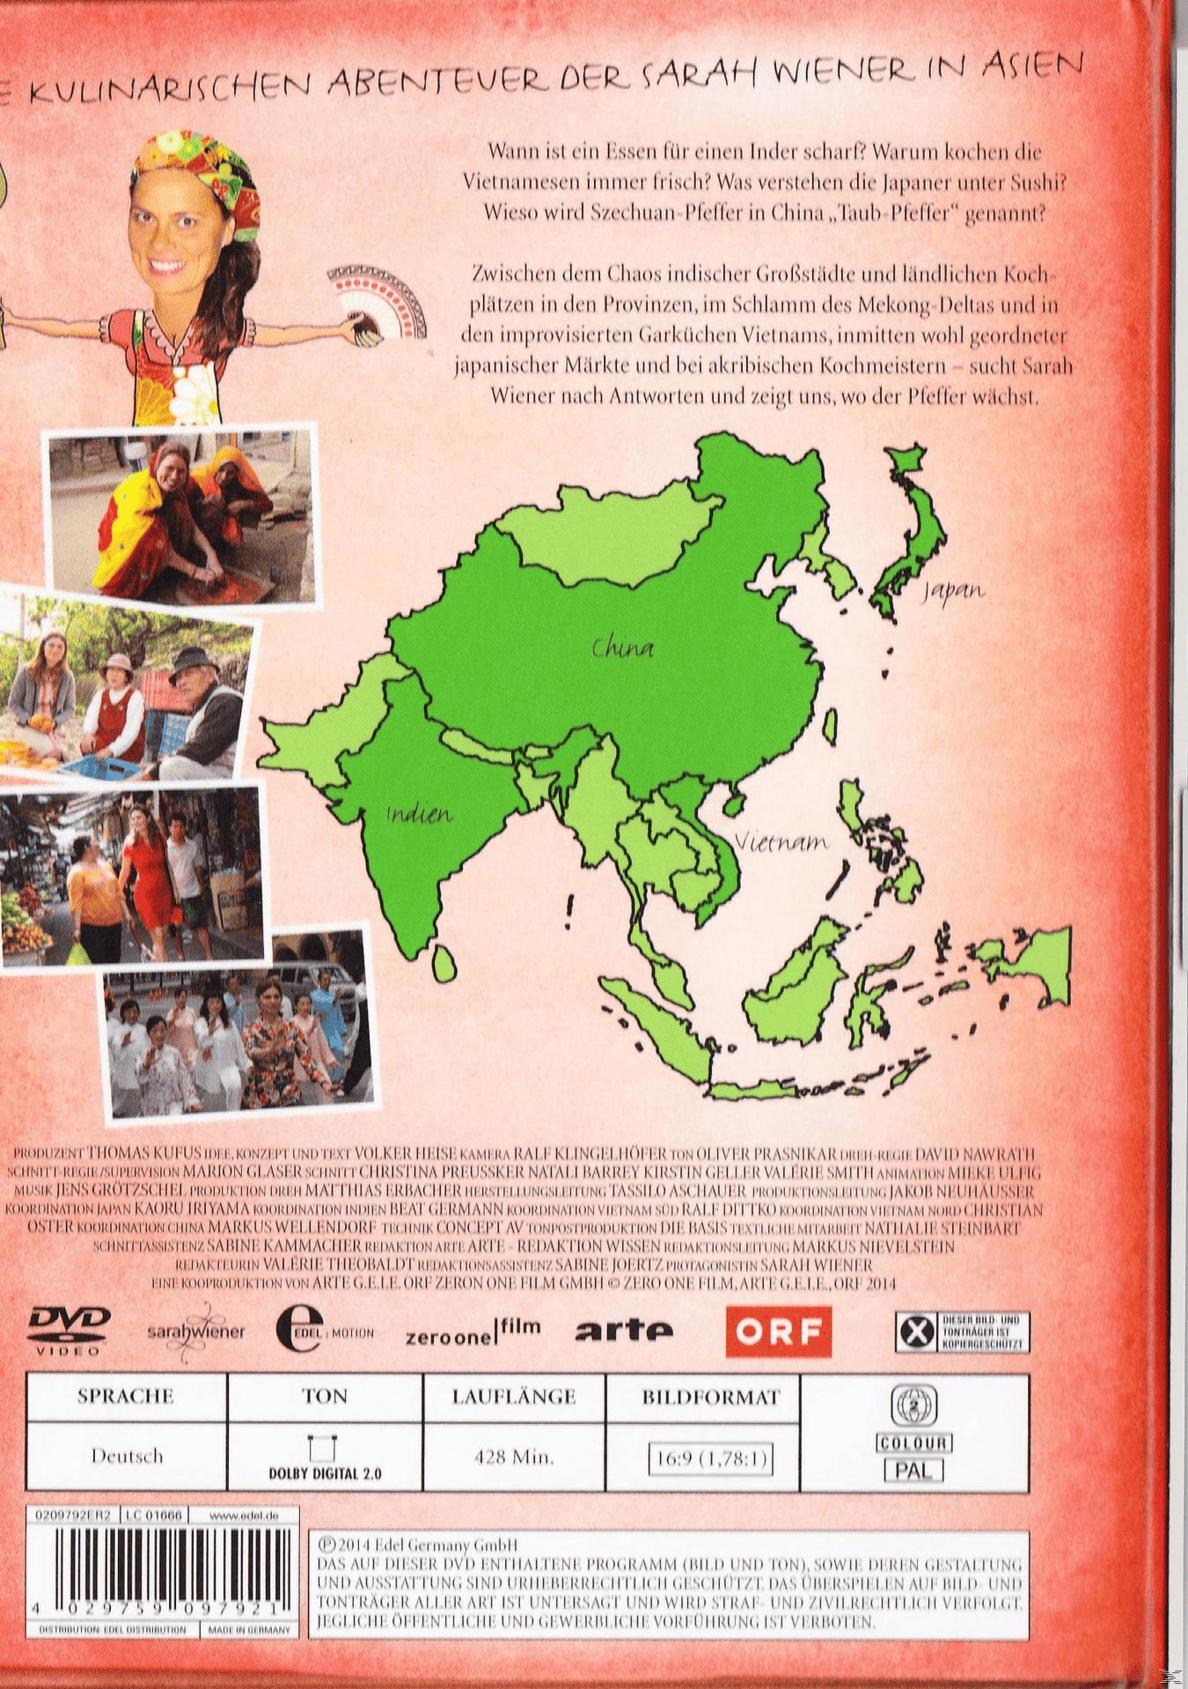 Die kulinarischen Abenteuer der Sarah Wiener in Asien auf DVD